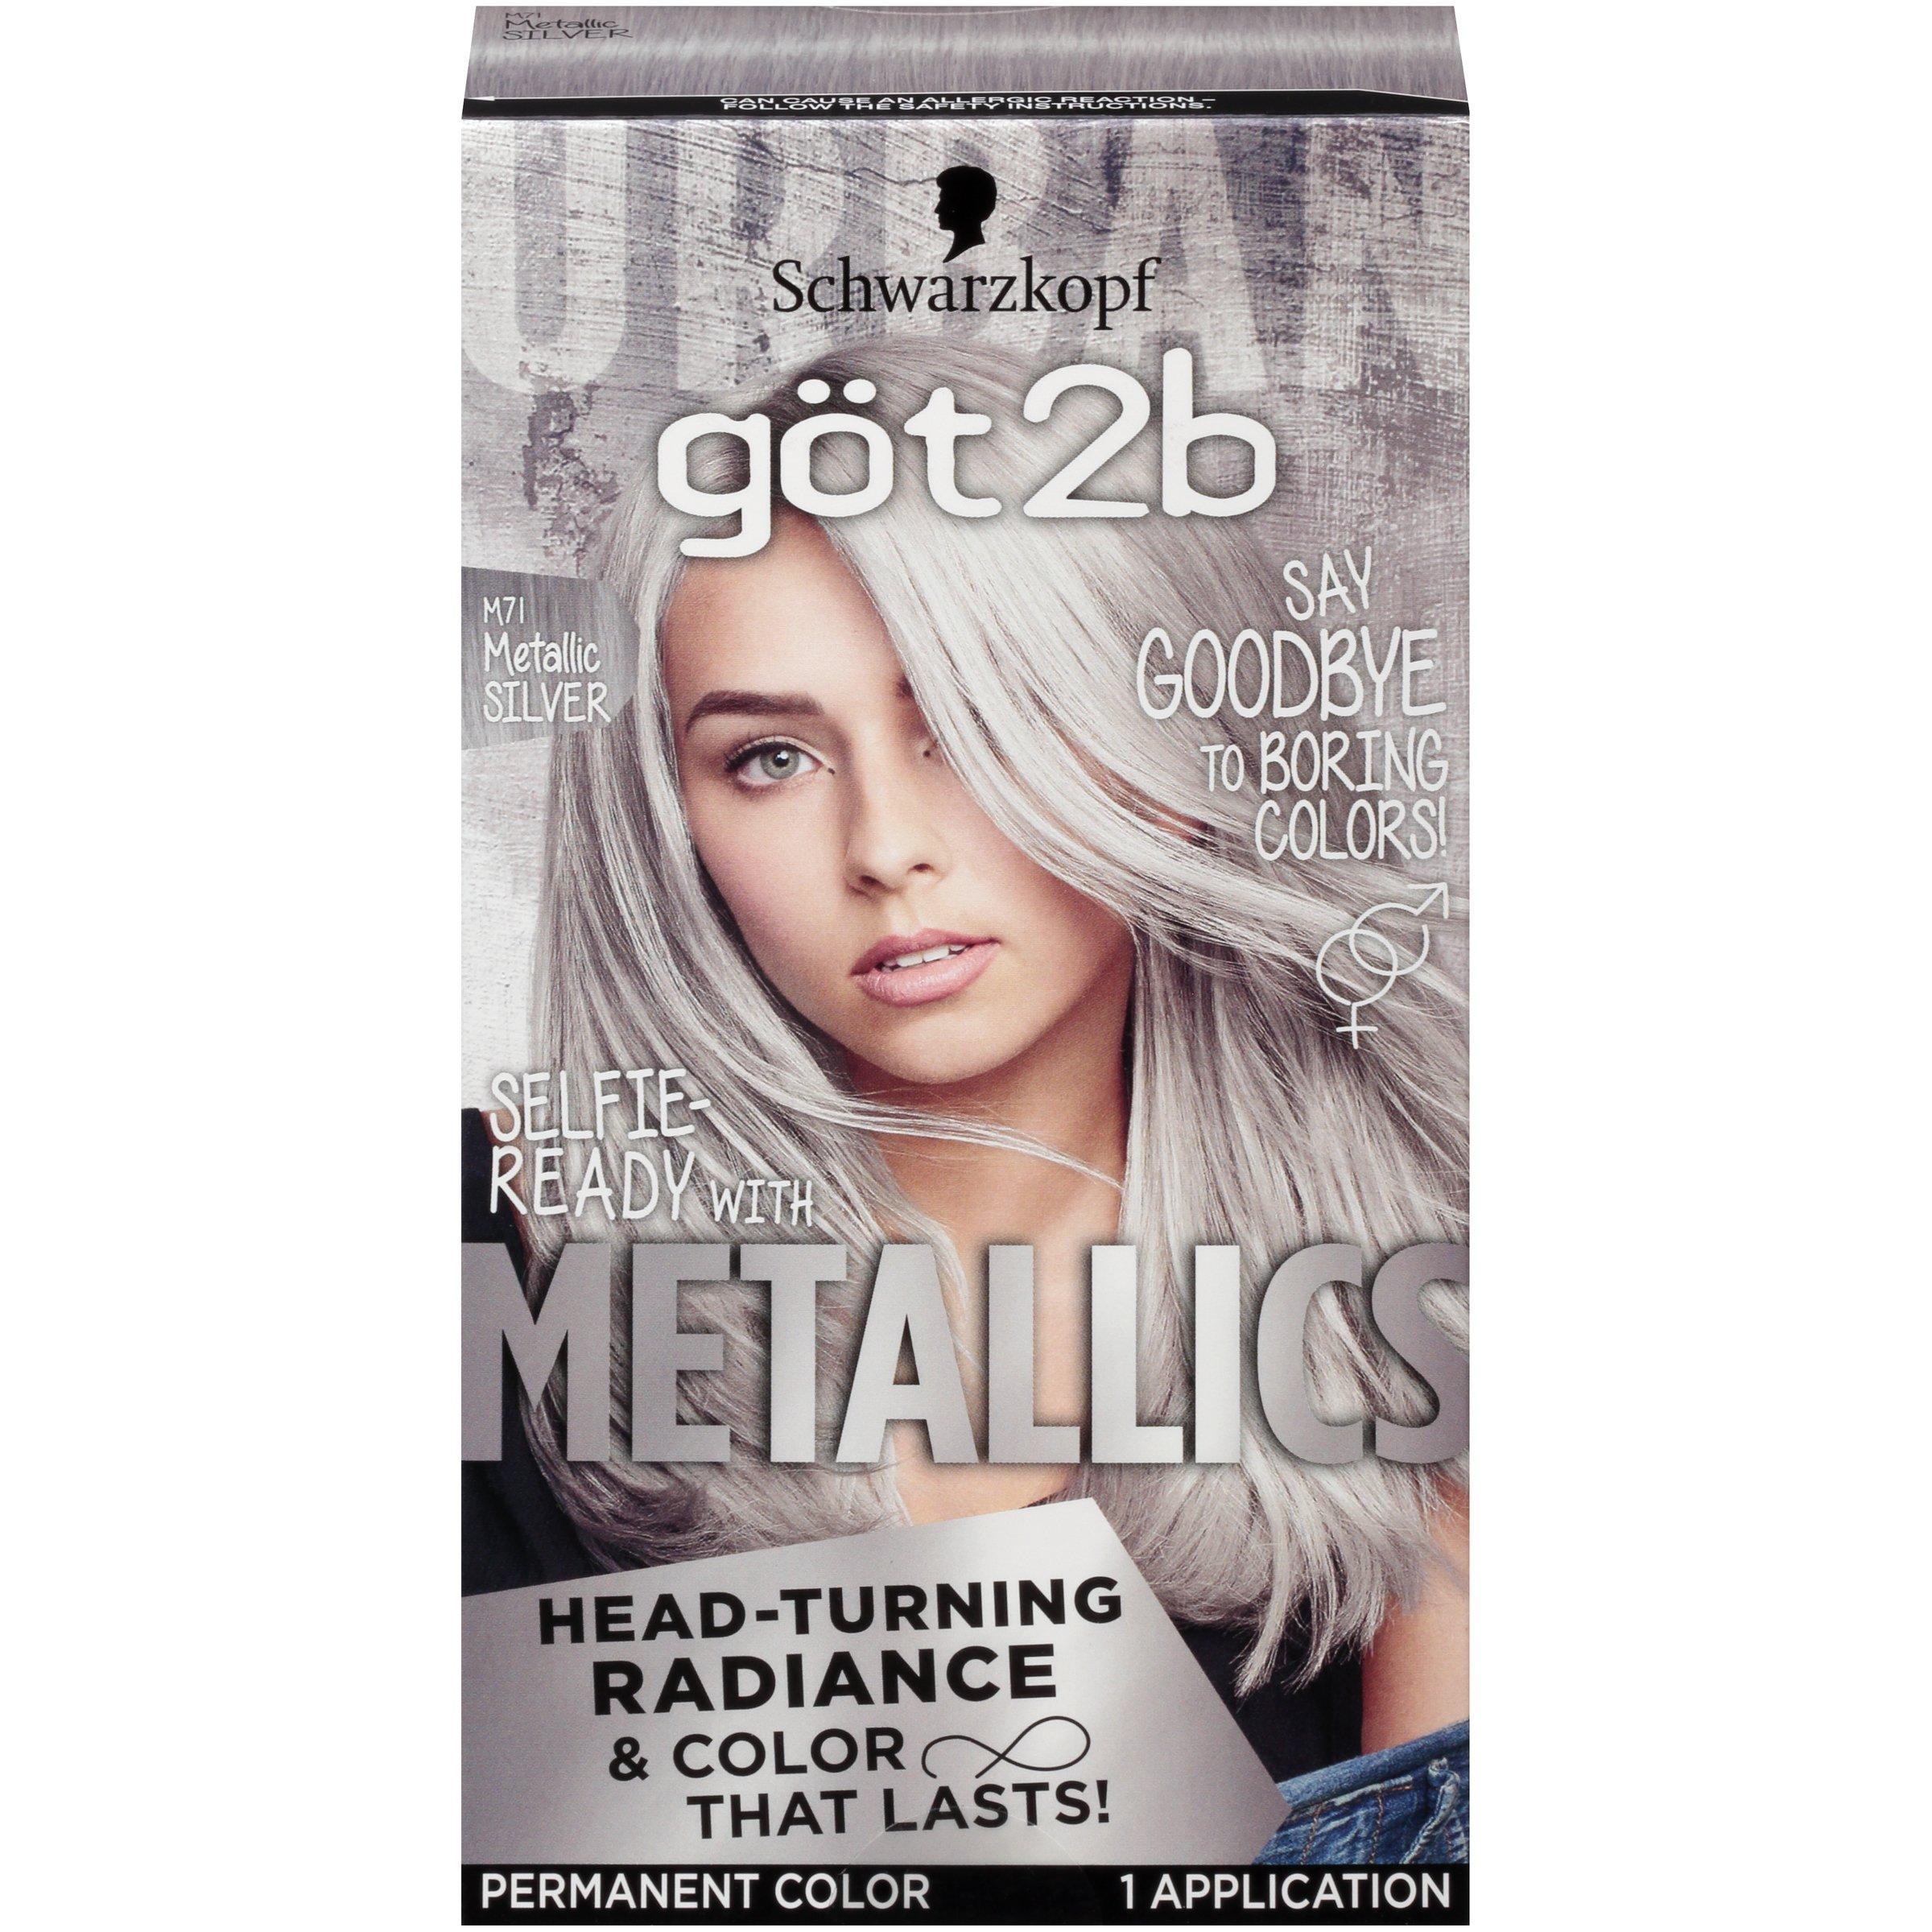 Got2b Metallic Permanent Hair Color, M71 Metallic Silver by Got2b